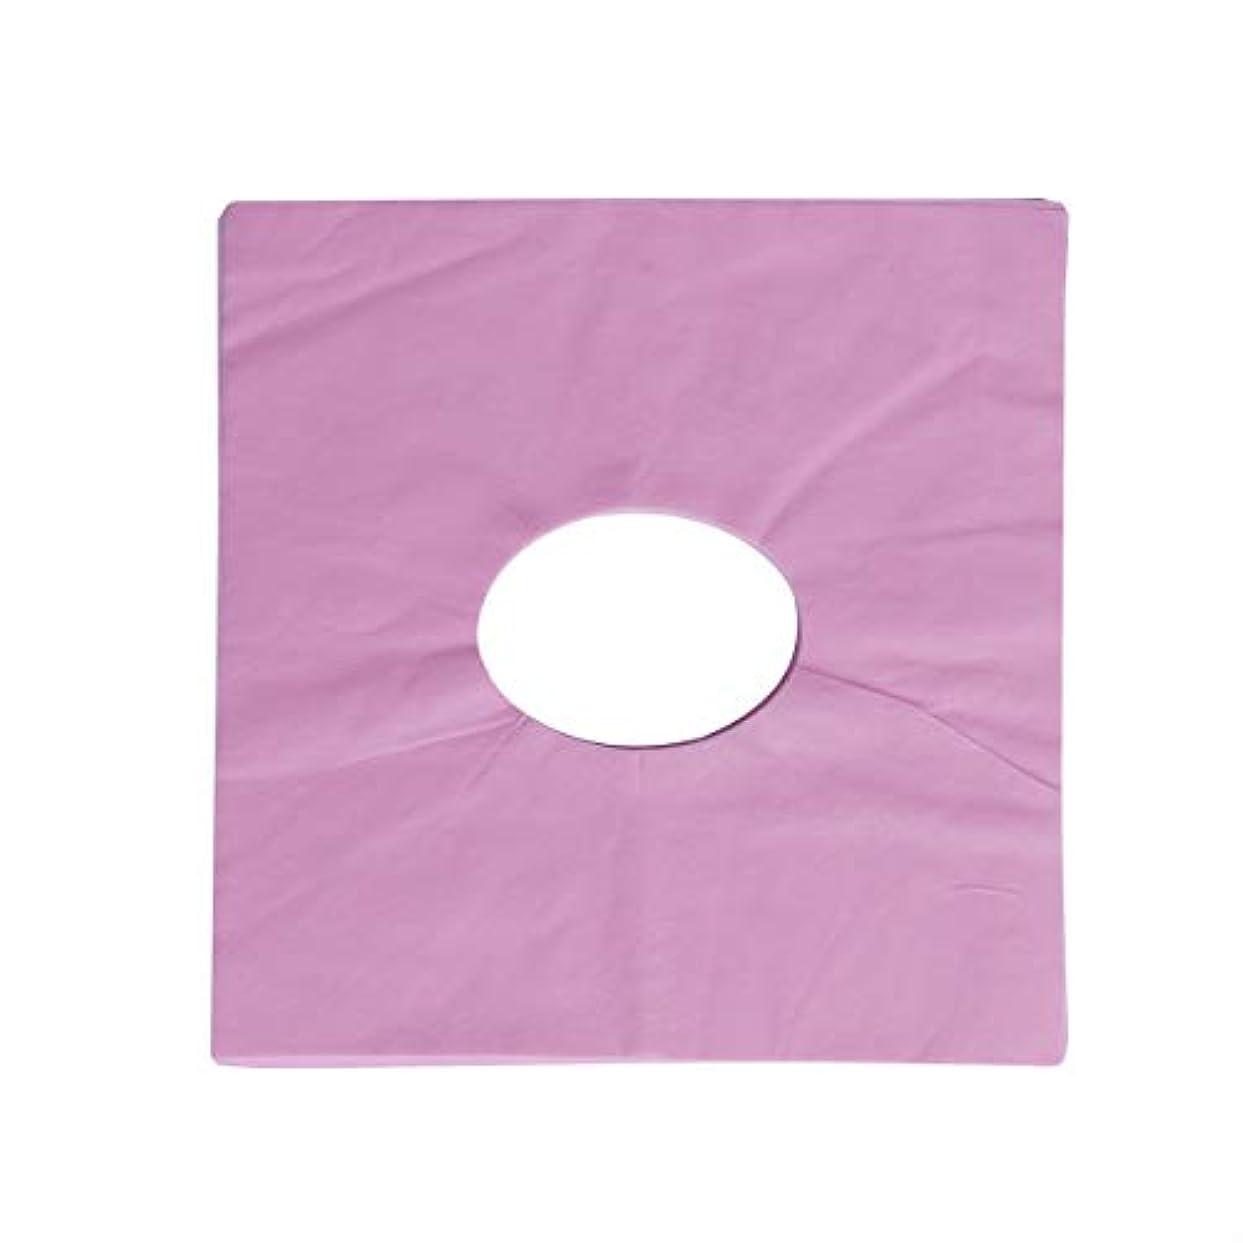 メンテナンス目の前の反映するHealifty 100ピース使い捨てマッサージフェイスクレードルカバーフェイスマッサージヘッドレストカバースパ用美容院マッサージ(ピンク)